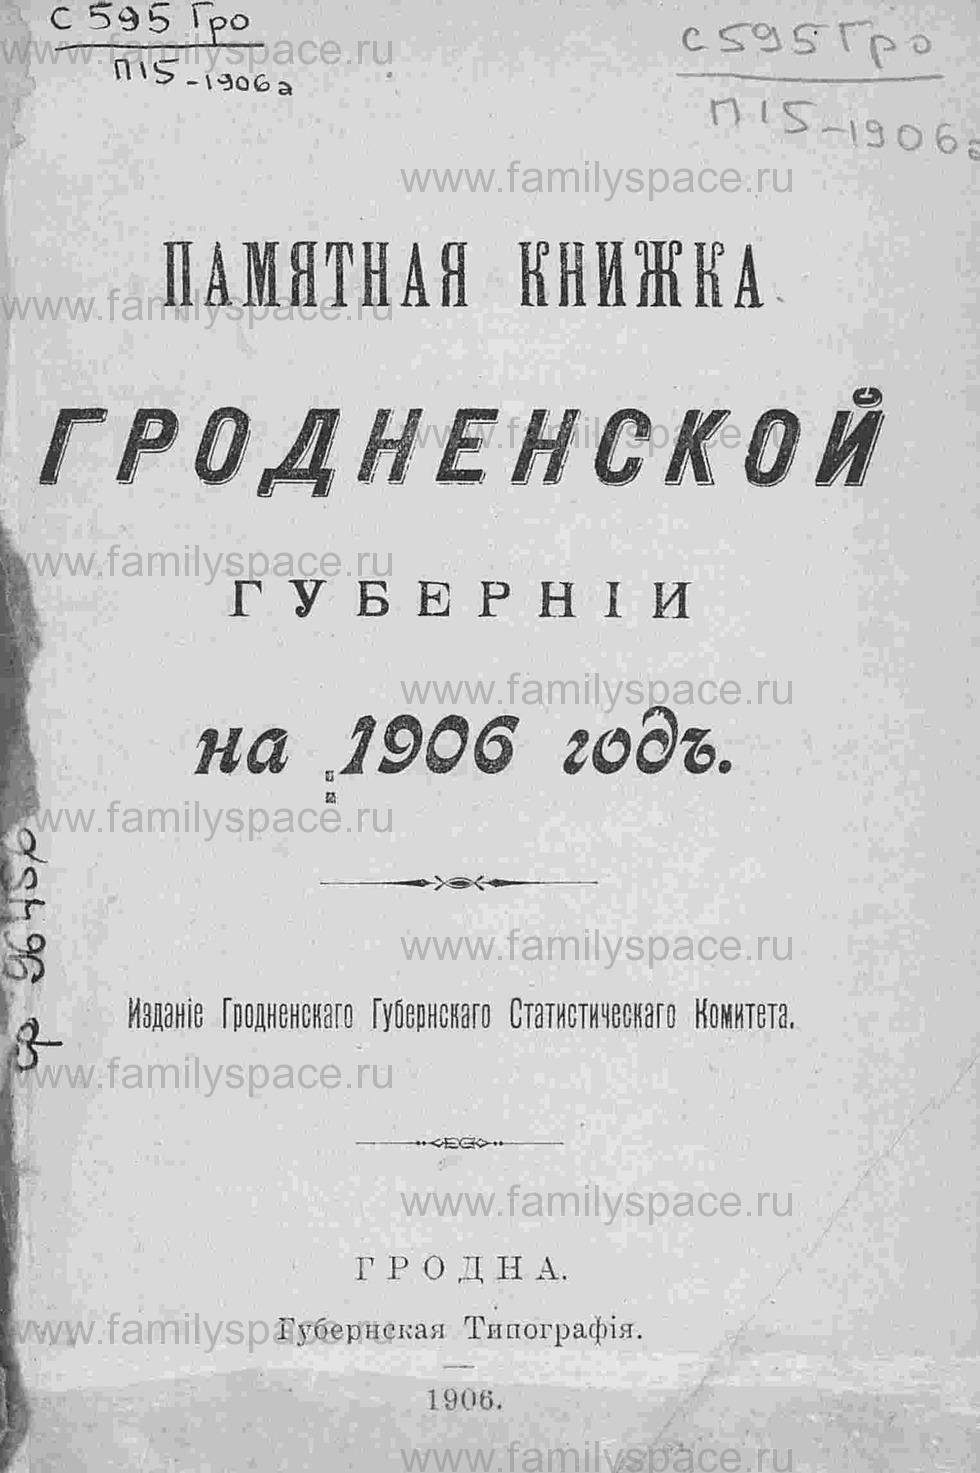 Поиск по фамилии - Памятная книжка Гродненской губернии на 1906 г, страница 5